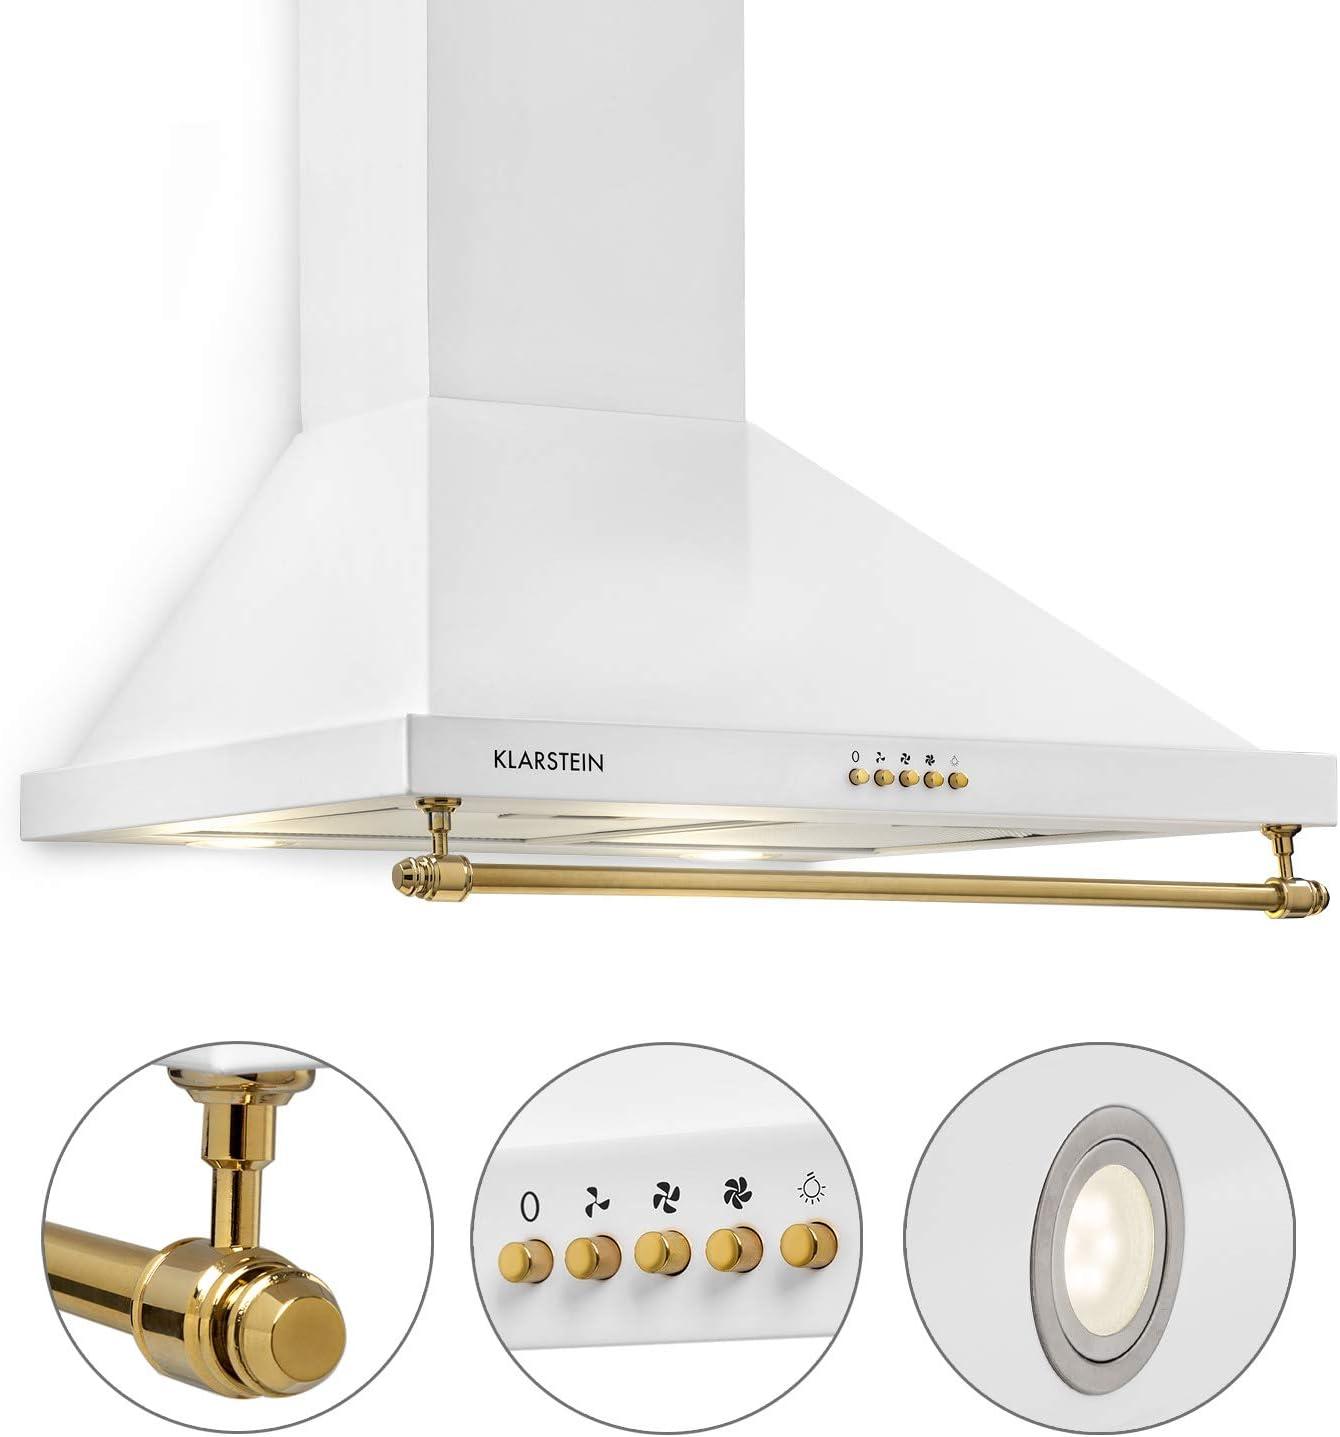 Klarstein Montblanc 60 - Campana extractora de pared, Succión y circulación de aire, 3 niveles, Succión de hasta 610m³/h, Juego montaje incluido, Anchura de 60 cm, Filtro de aluminio, Blanco